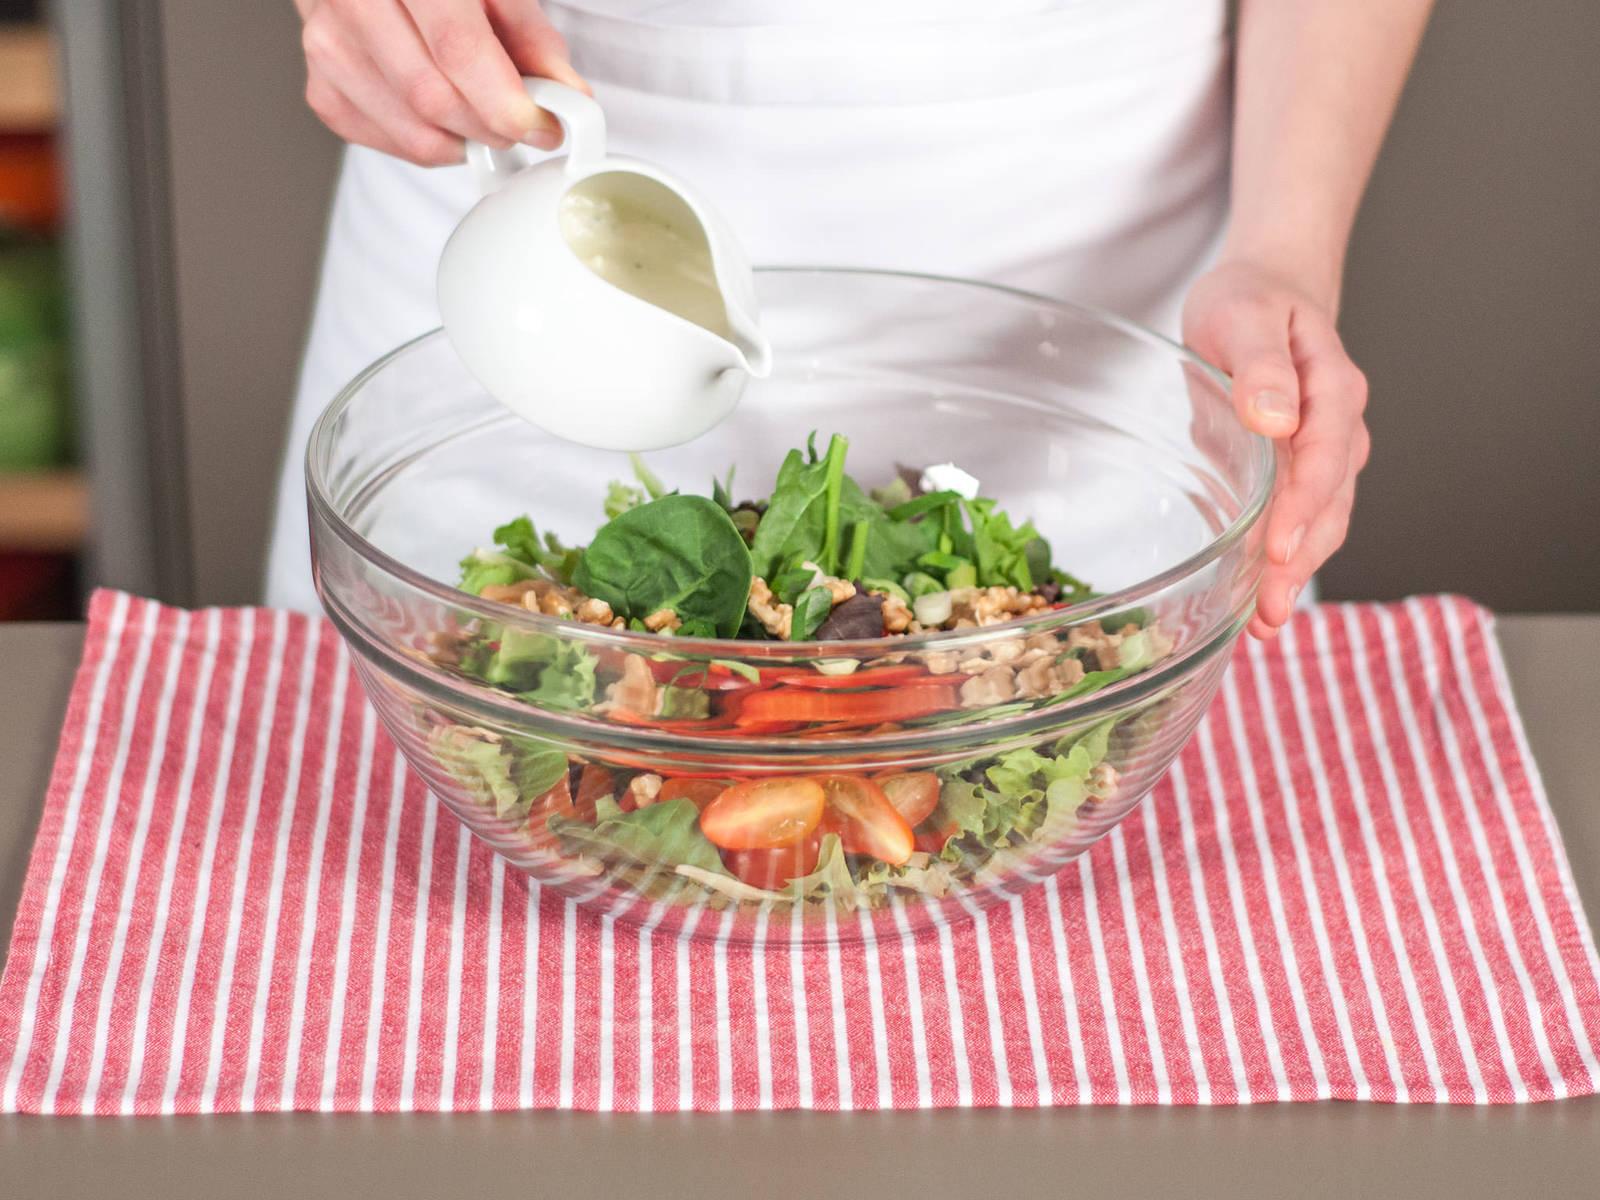 Salat waschen und trocknen. Alle Zutaten vermengen. Etwas Dressing hinzugeben und gut vermischen. Probieren und bei Bedarf mehr Dressing hinzugeben. Genießen!